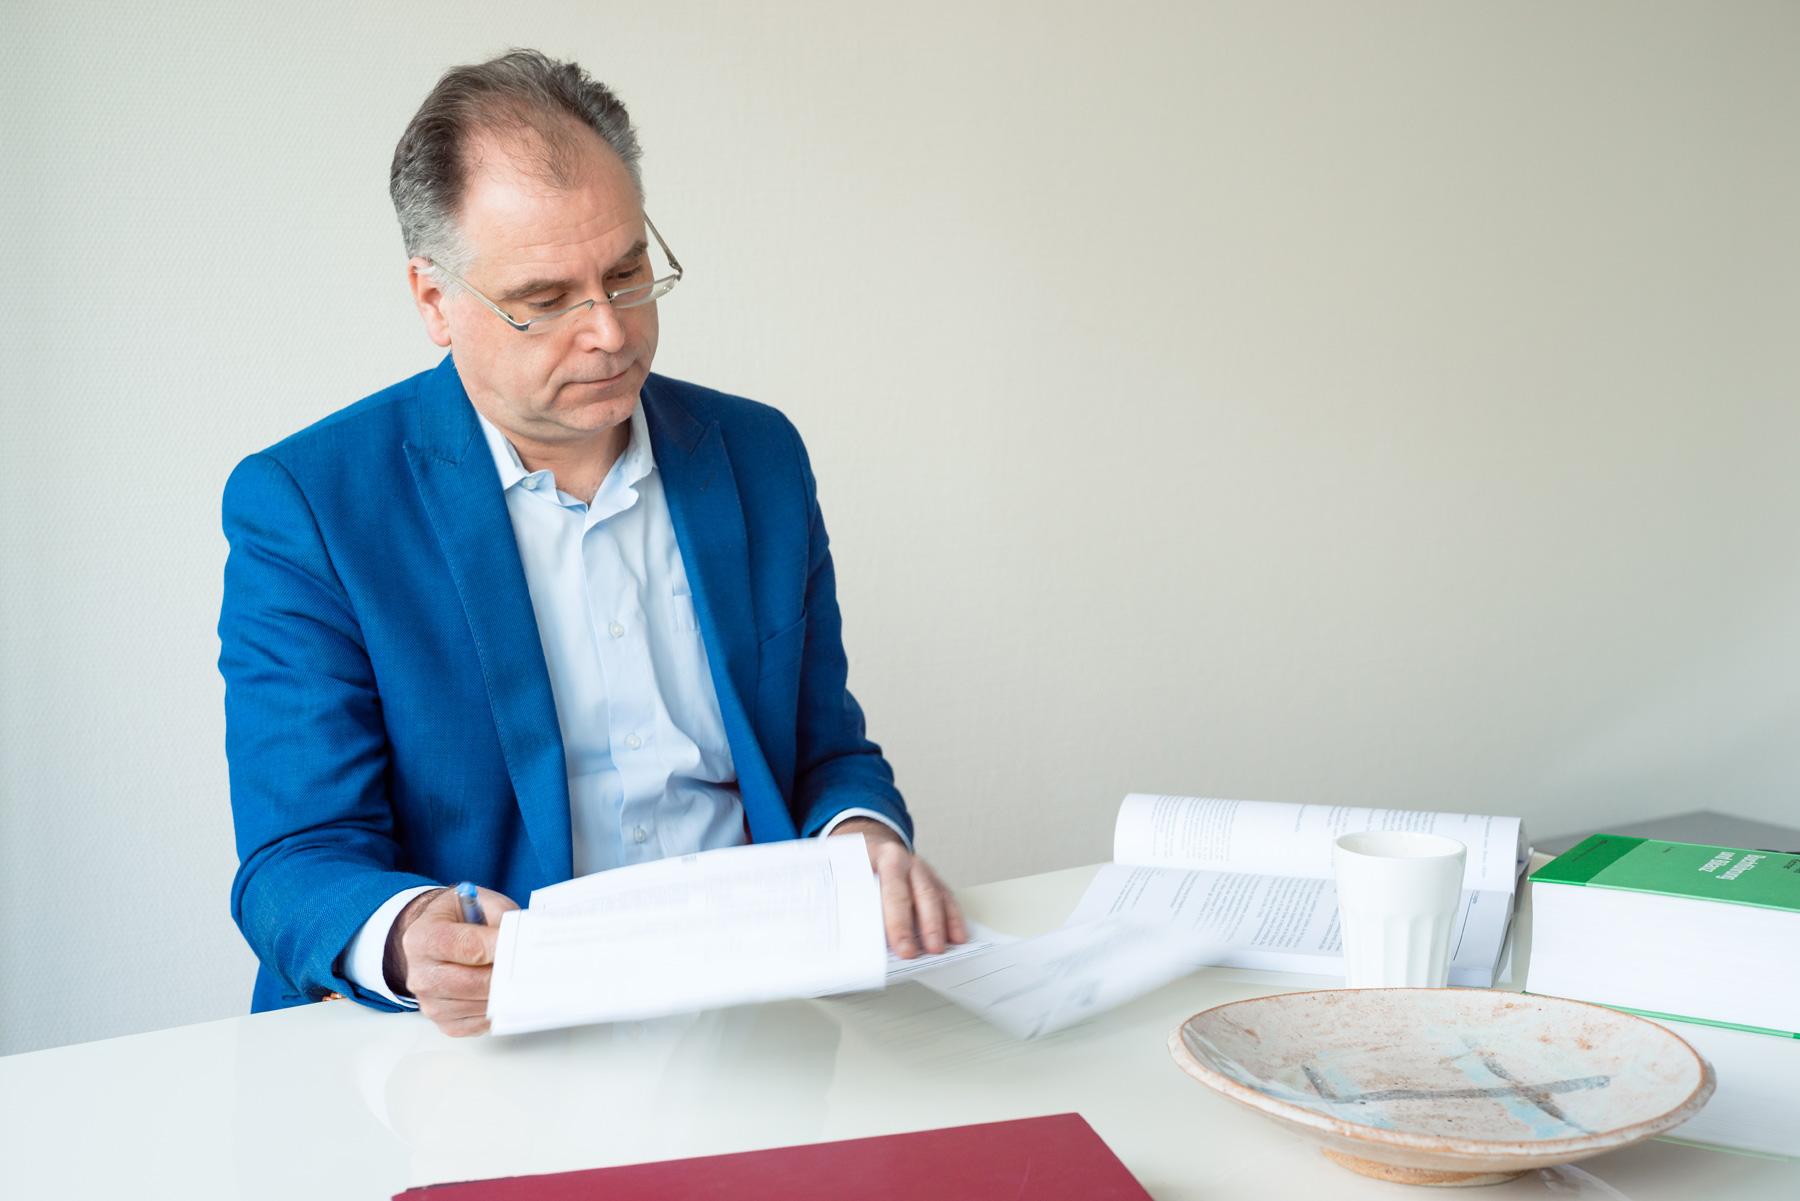 Steuer- und Finanzberatung Uwe Kuhnke Köln